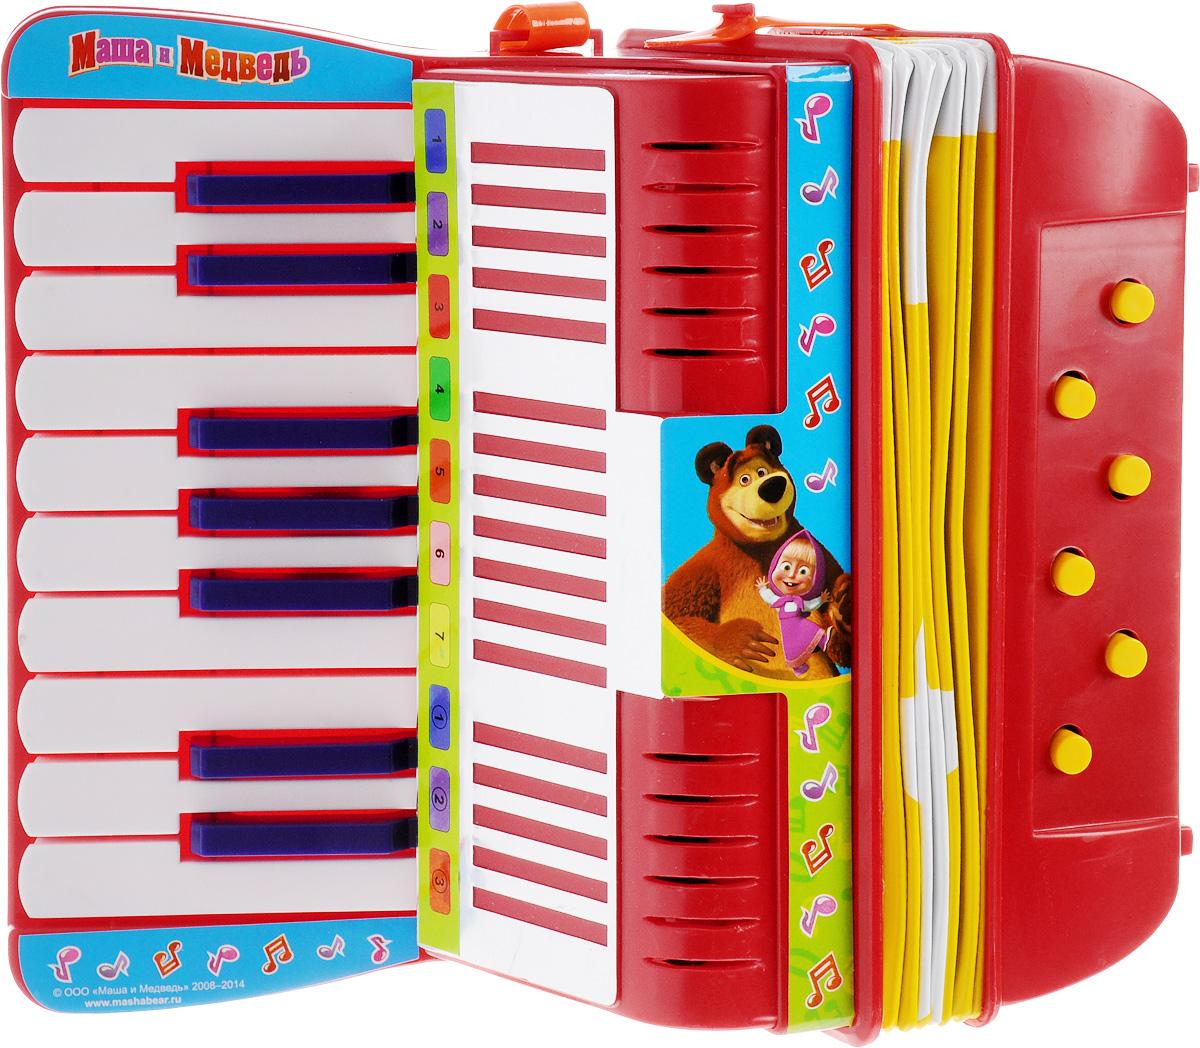 Играем вместе Аккордеон Маша и МедведьB88357-R2Если до настоящего аккордеона ваш малыш еще не дорос, подарите ему игрушечный! Аккордеон Играем вместе Маша и Медведь обязательно порадует вашего малыша своим видом, ведь он выполнен в стиле любимого многими малышами мультика. Эта яркая и веселая игрушка, с помощью которой вы сможете привить ребенку любовь к музыке. Аккордеон поможет развить слух, чувство ритма, артистизм и музыкальные способности малыша, и он порадует вас веселым концертом!